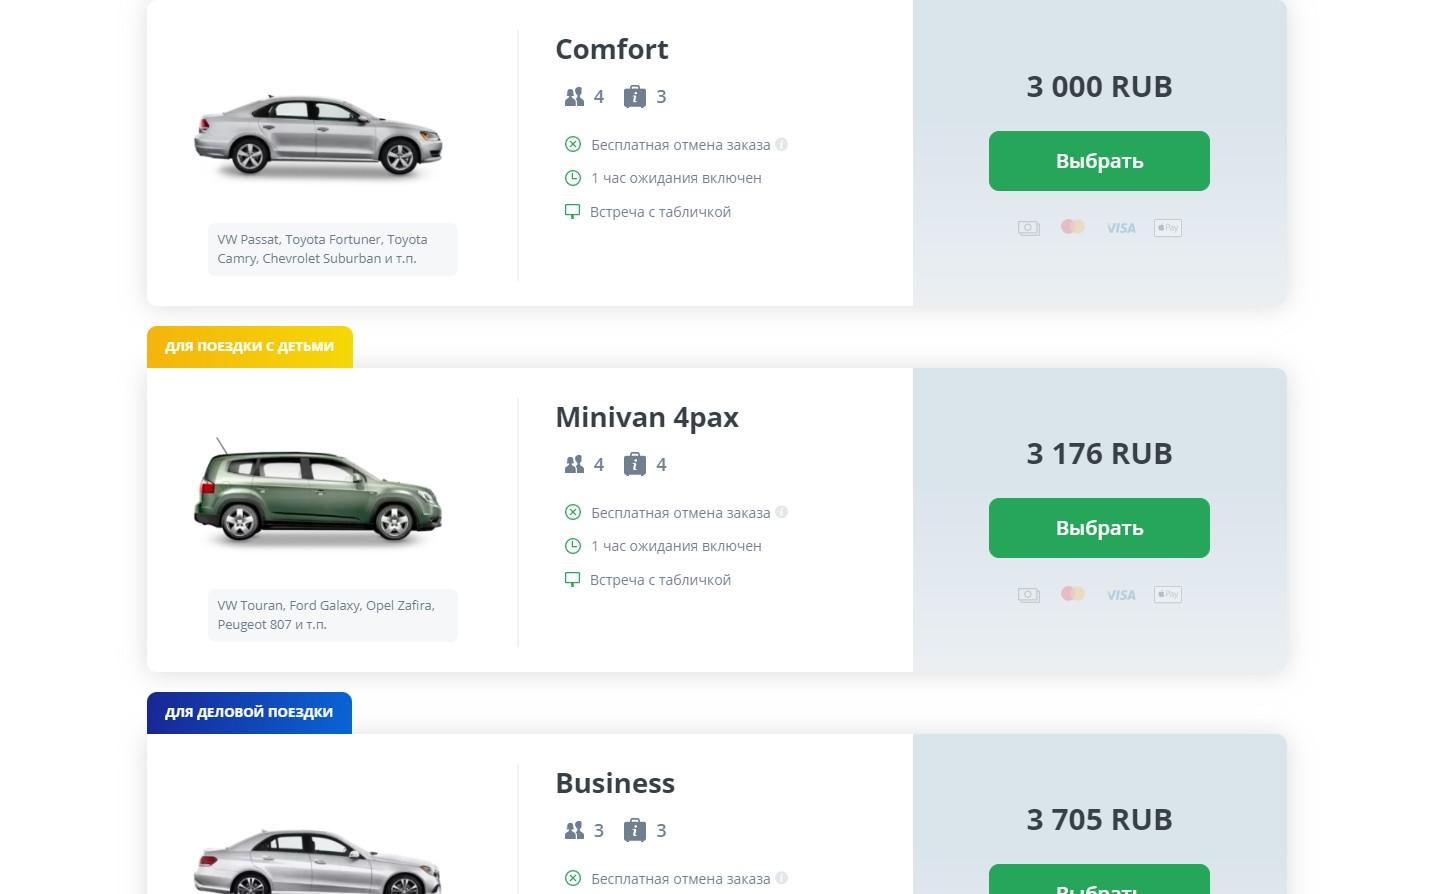 На сайте представлен большой парк авто, от бюджетного до премиум-класса